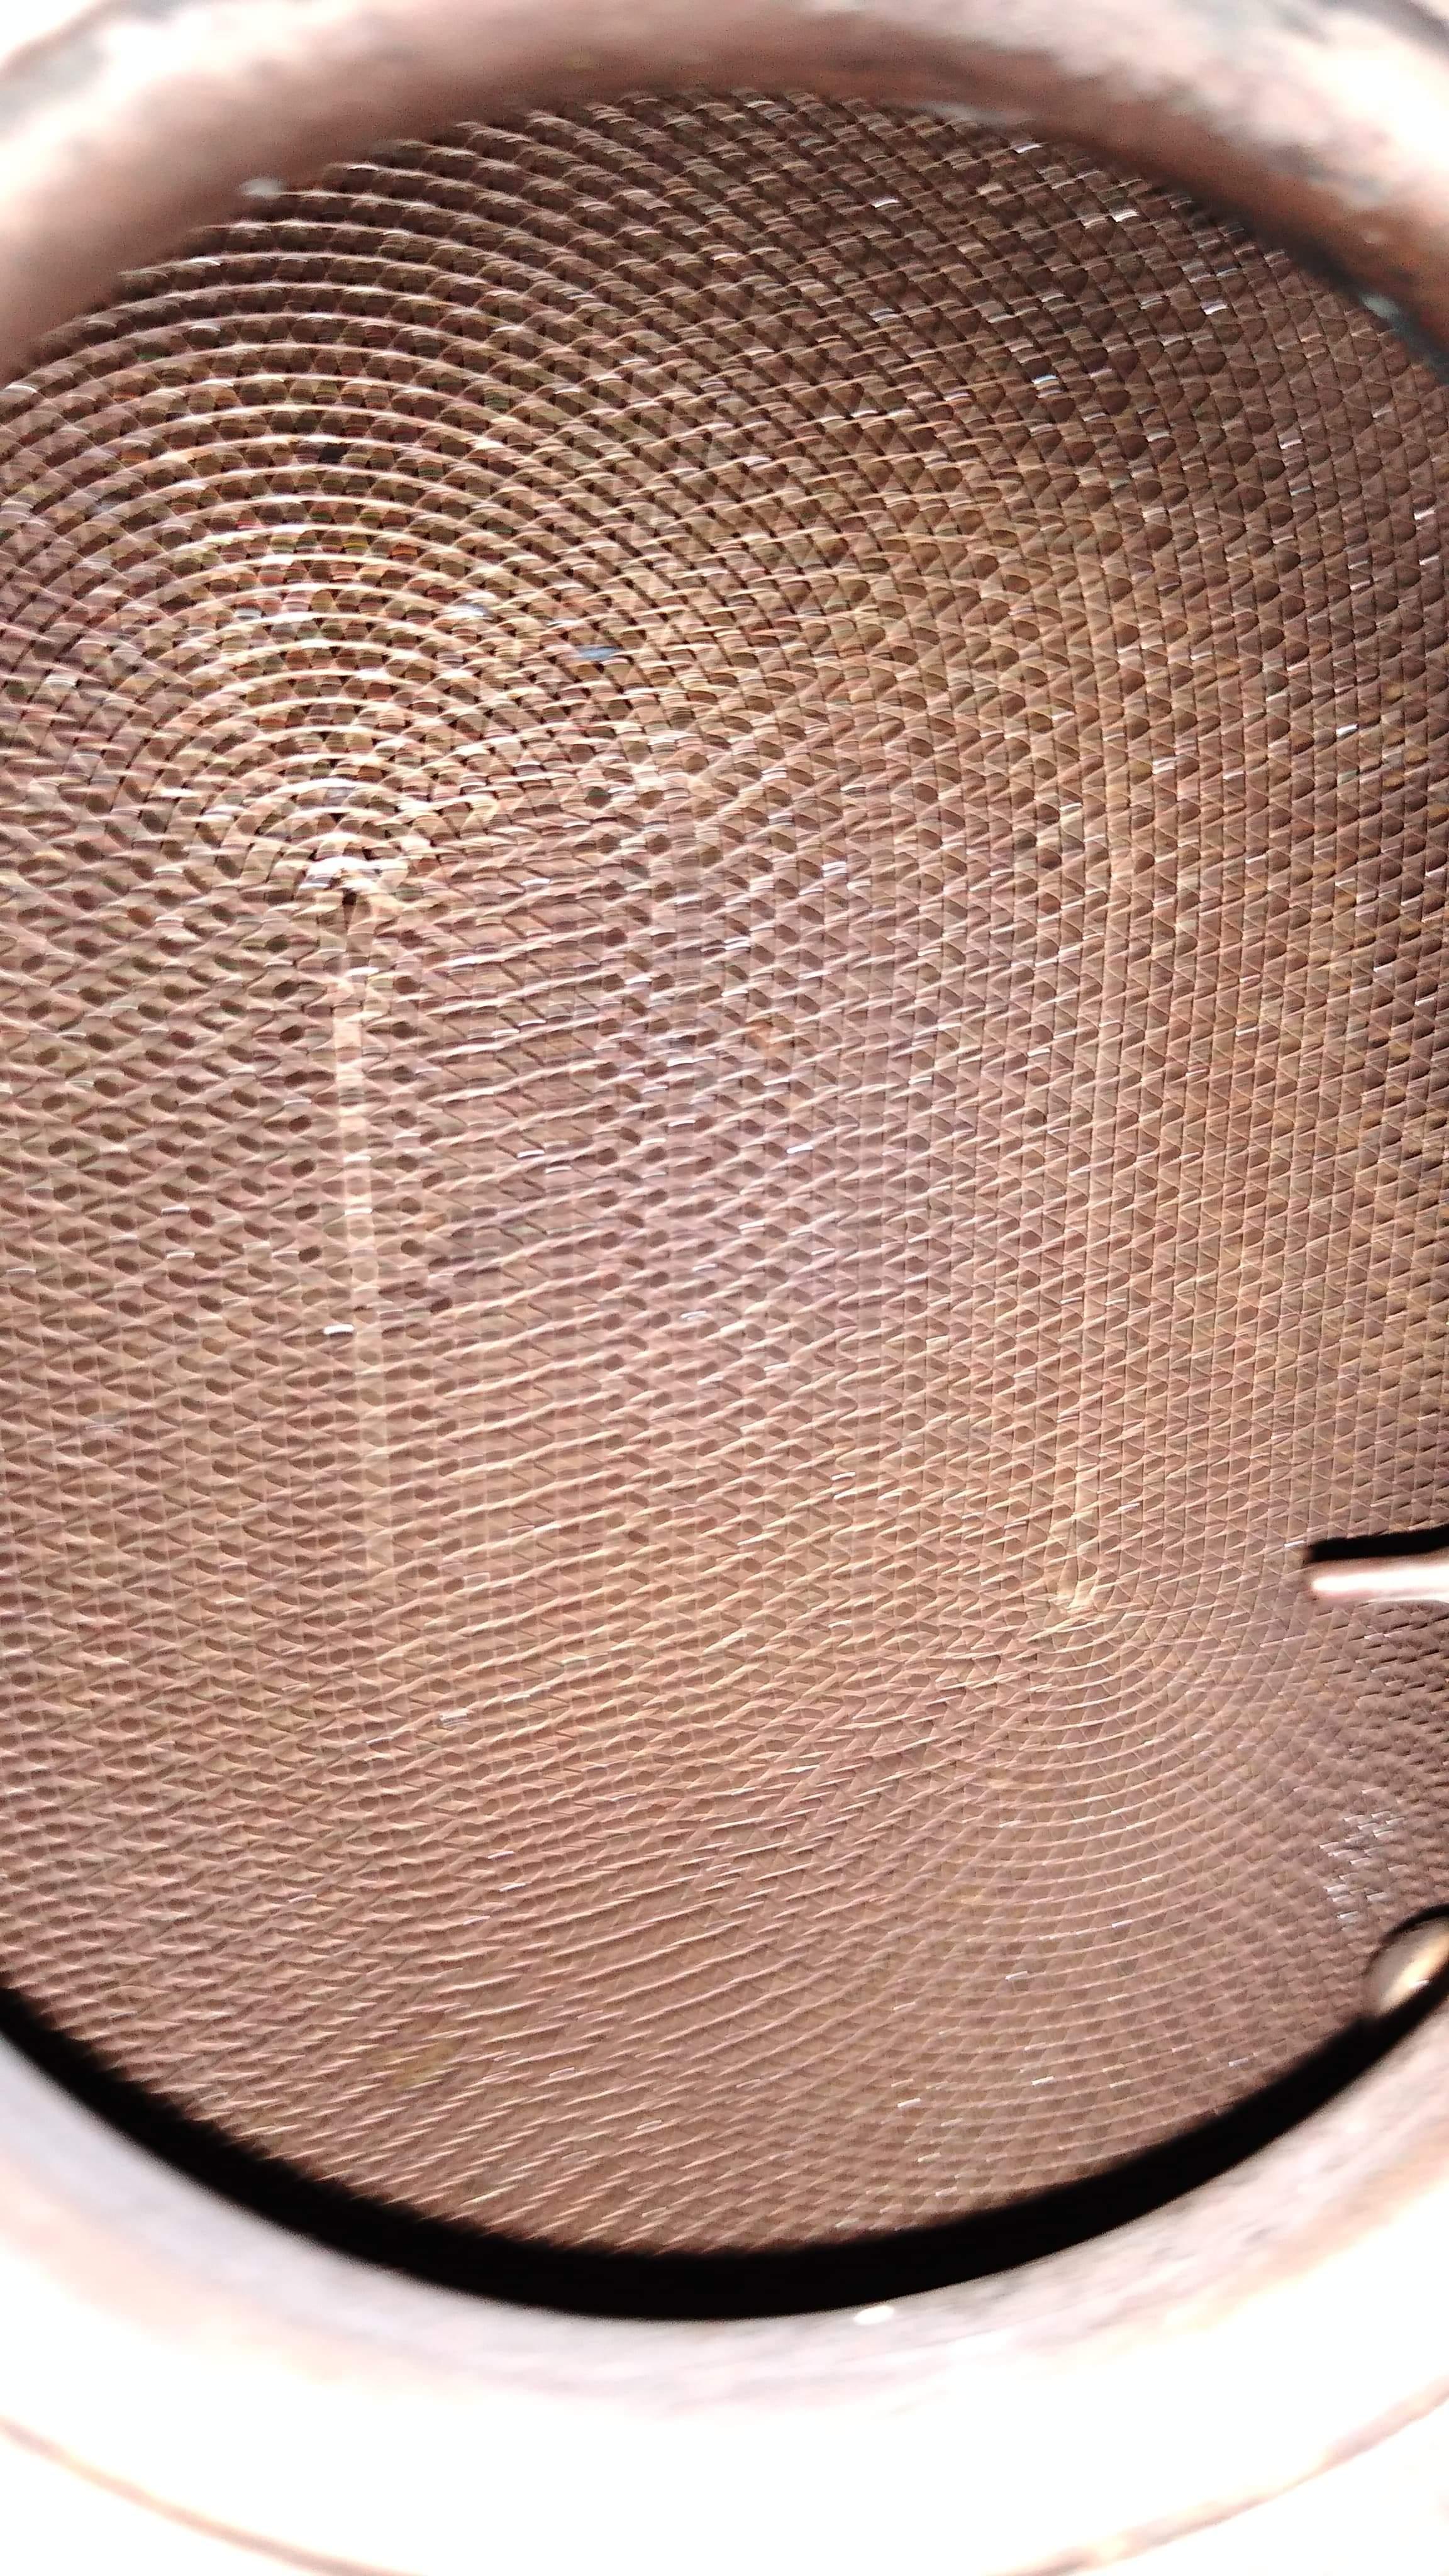 filtr po czyszczeniu